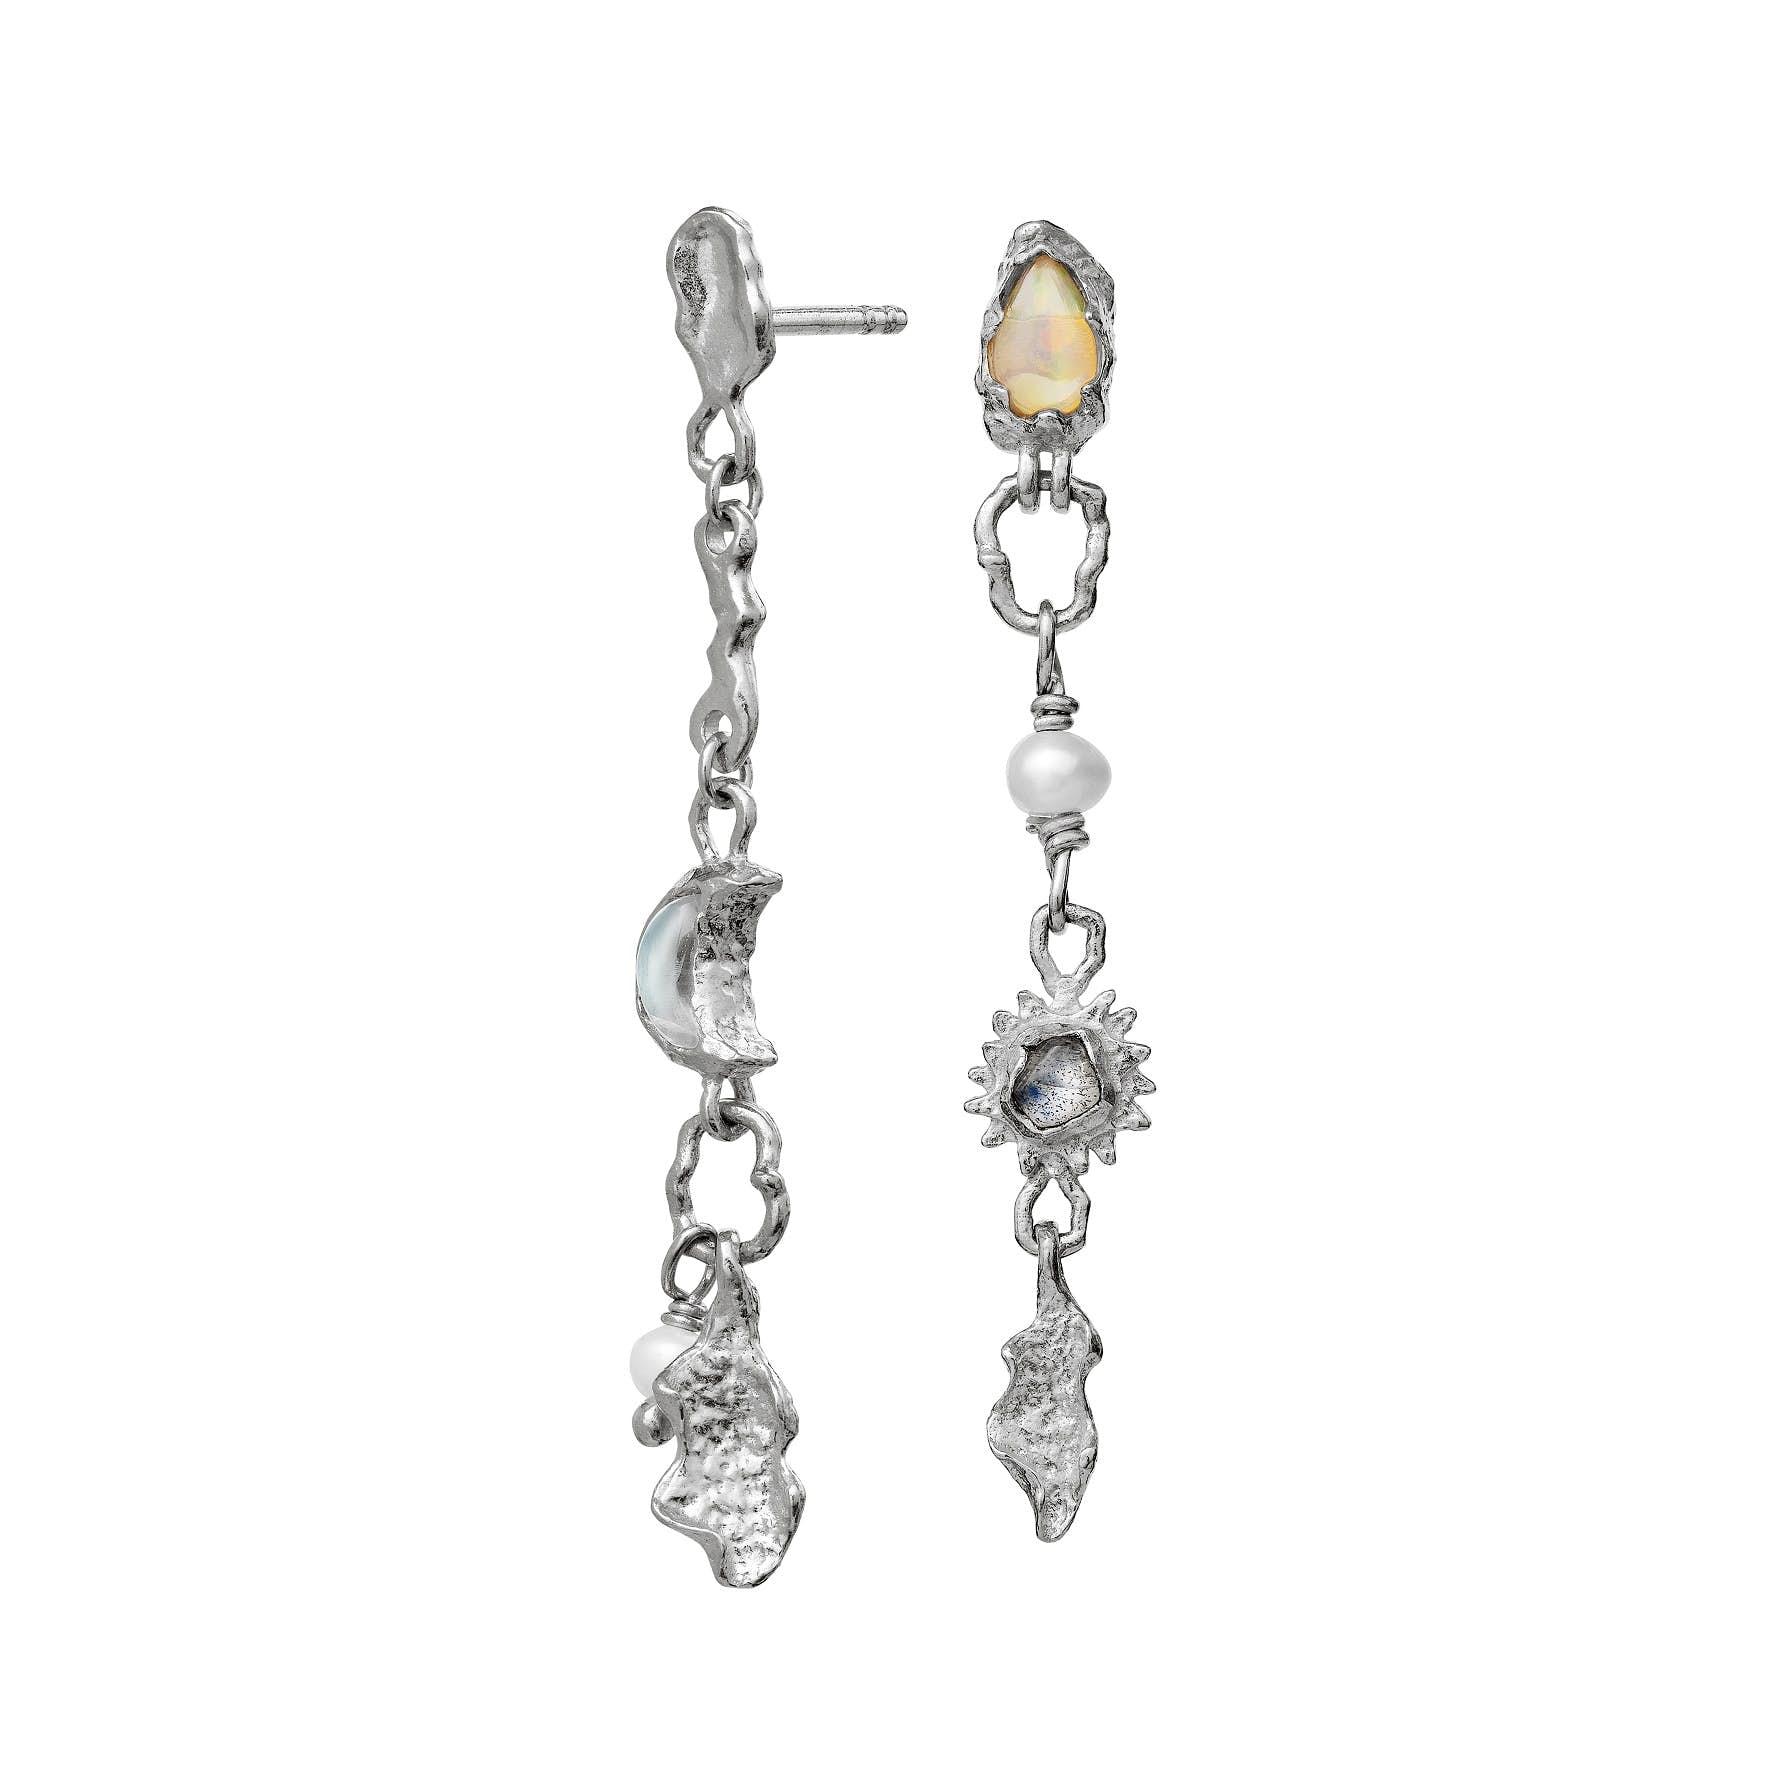 Theodora Earrings von Maanesten in Silber Sterling 925